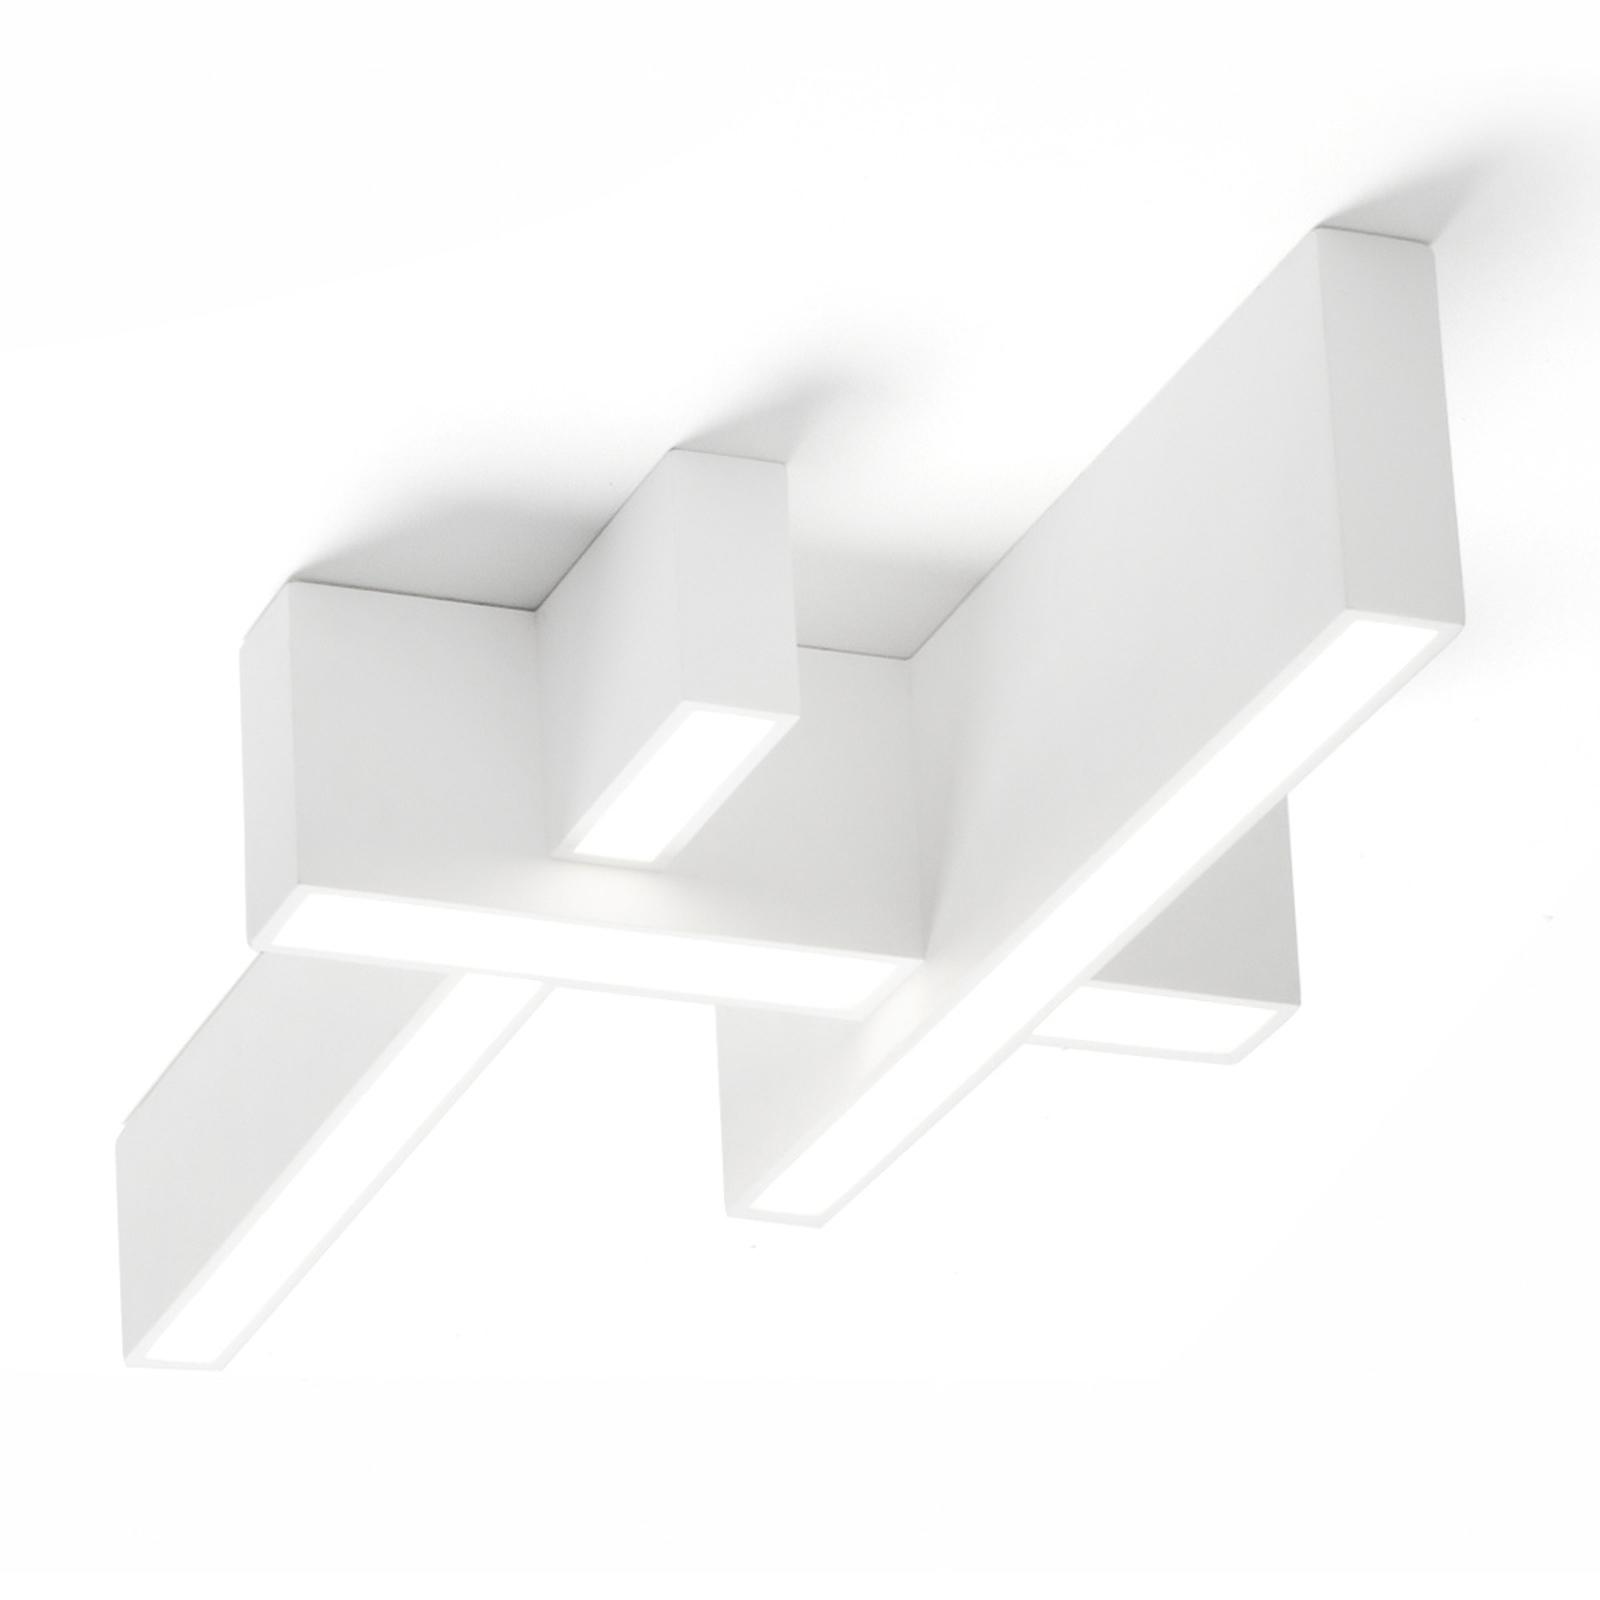 Plafonnier LED Magnesia T275 avec 3 poutres